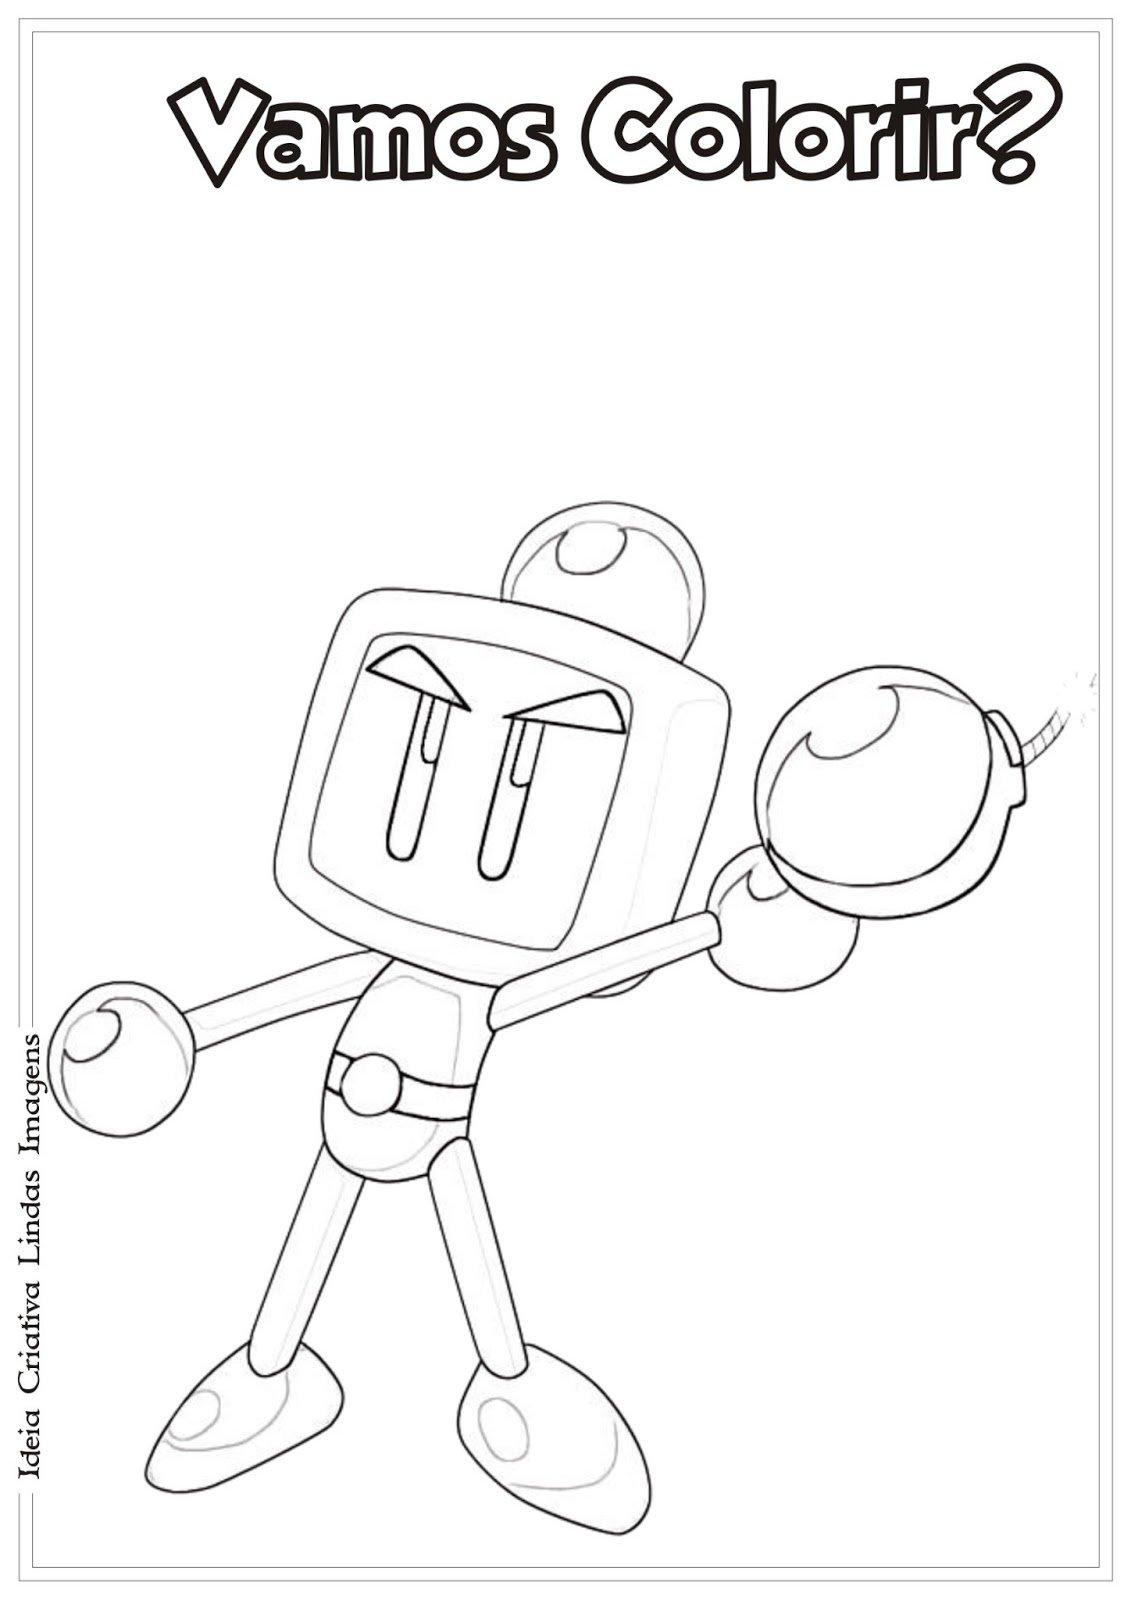 Jogos Para Colorir Homem Aranha Desenhos Imagixs Sketch Coloring Page